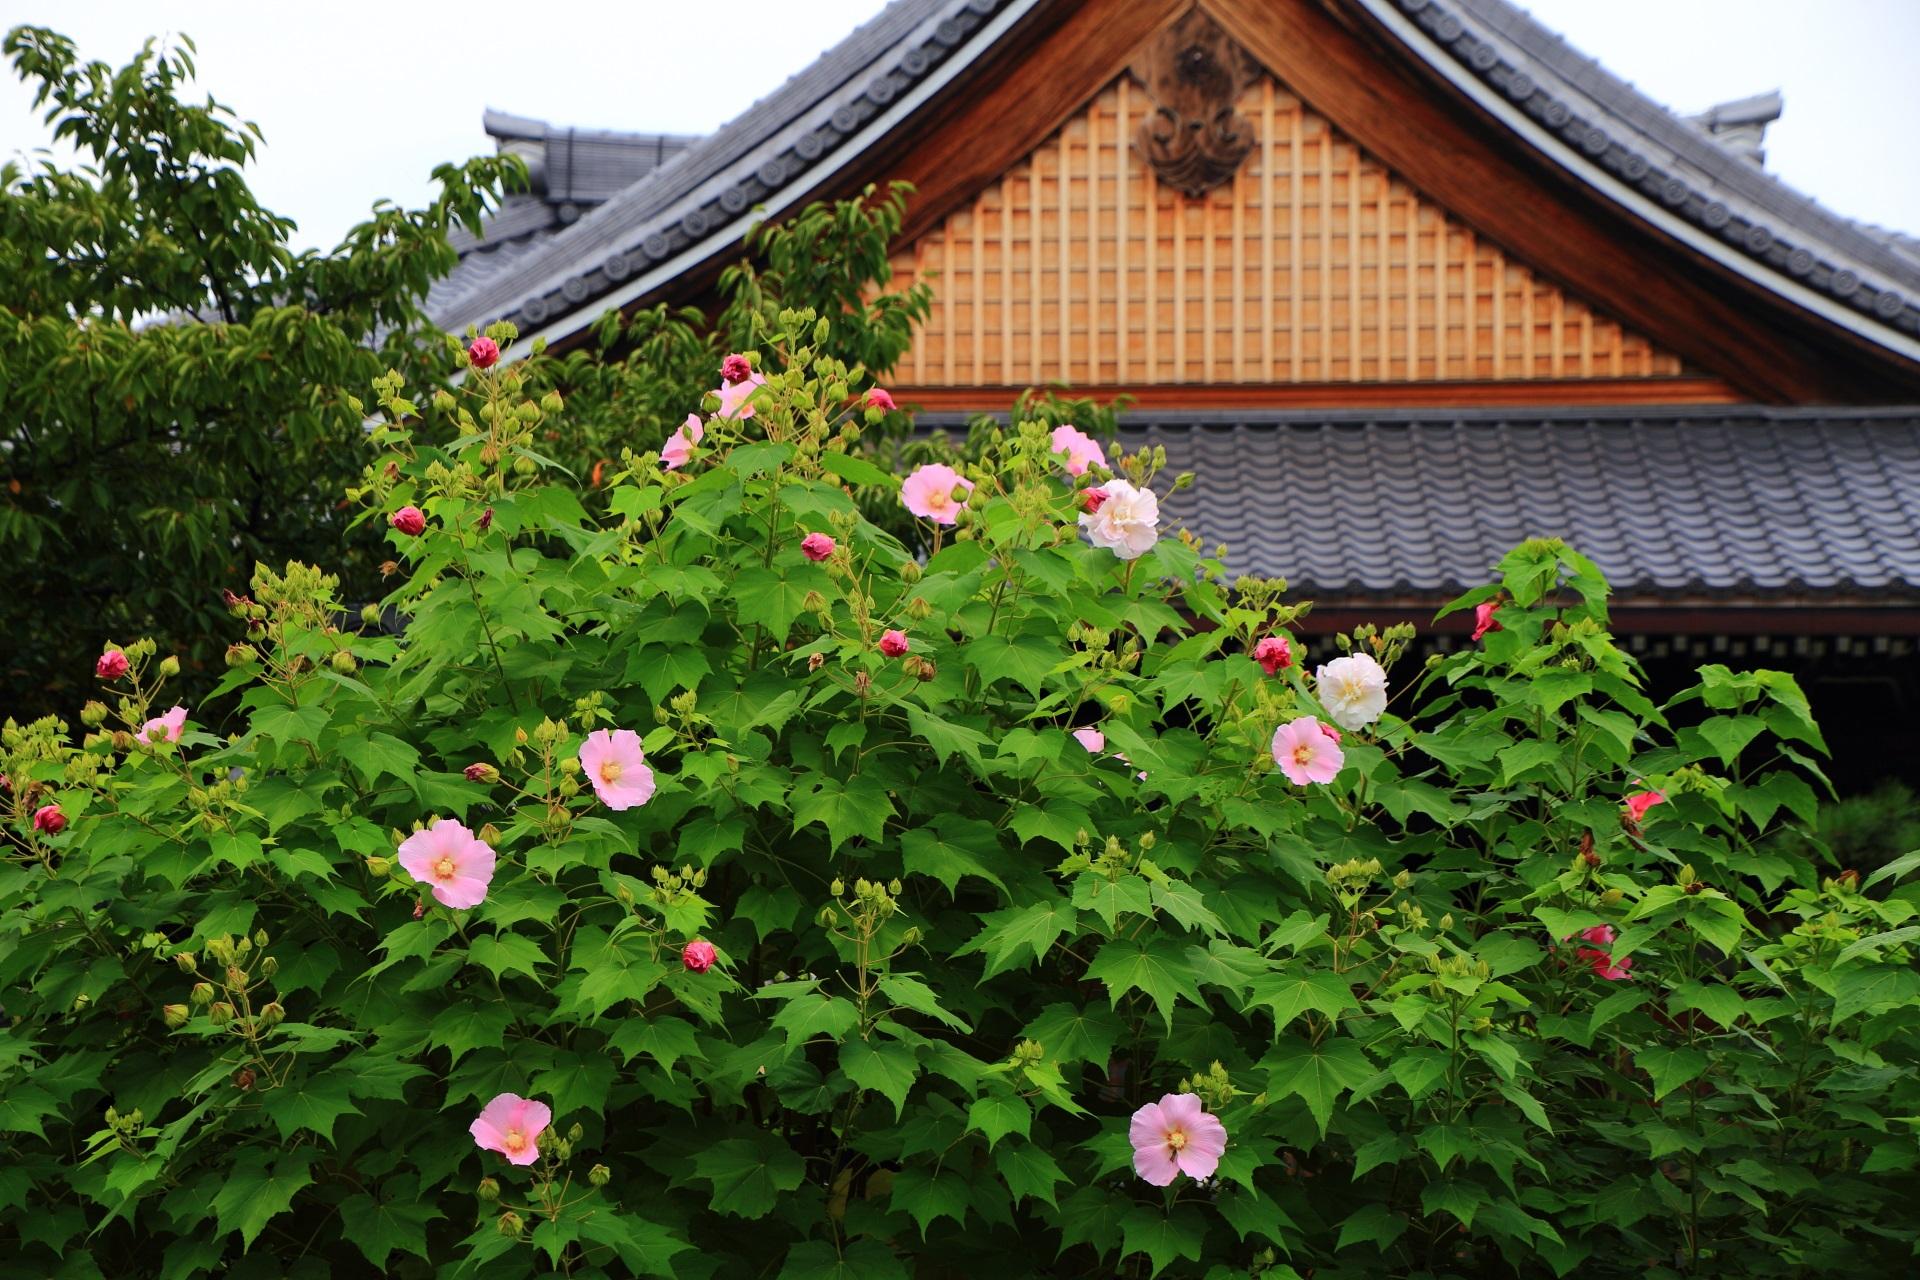 妙蓮寺 芙蓉 夏の終わりを彩る花と庭園